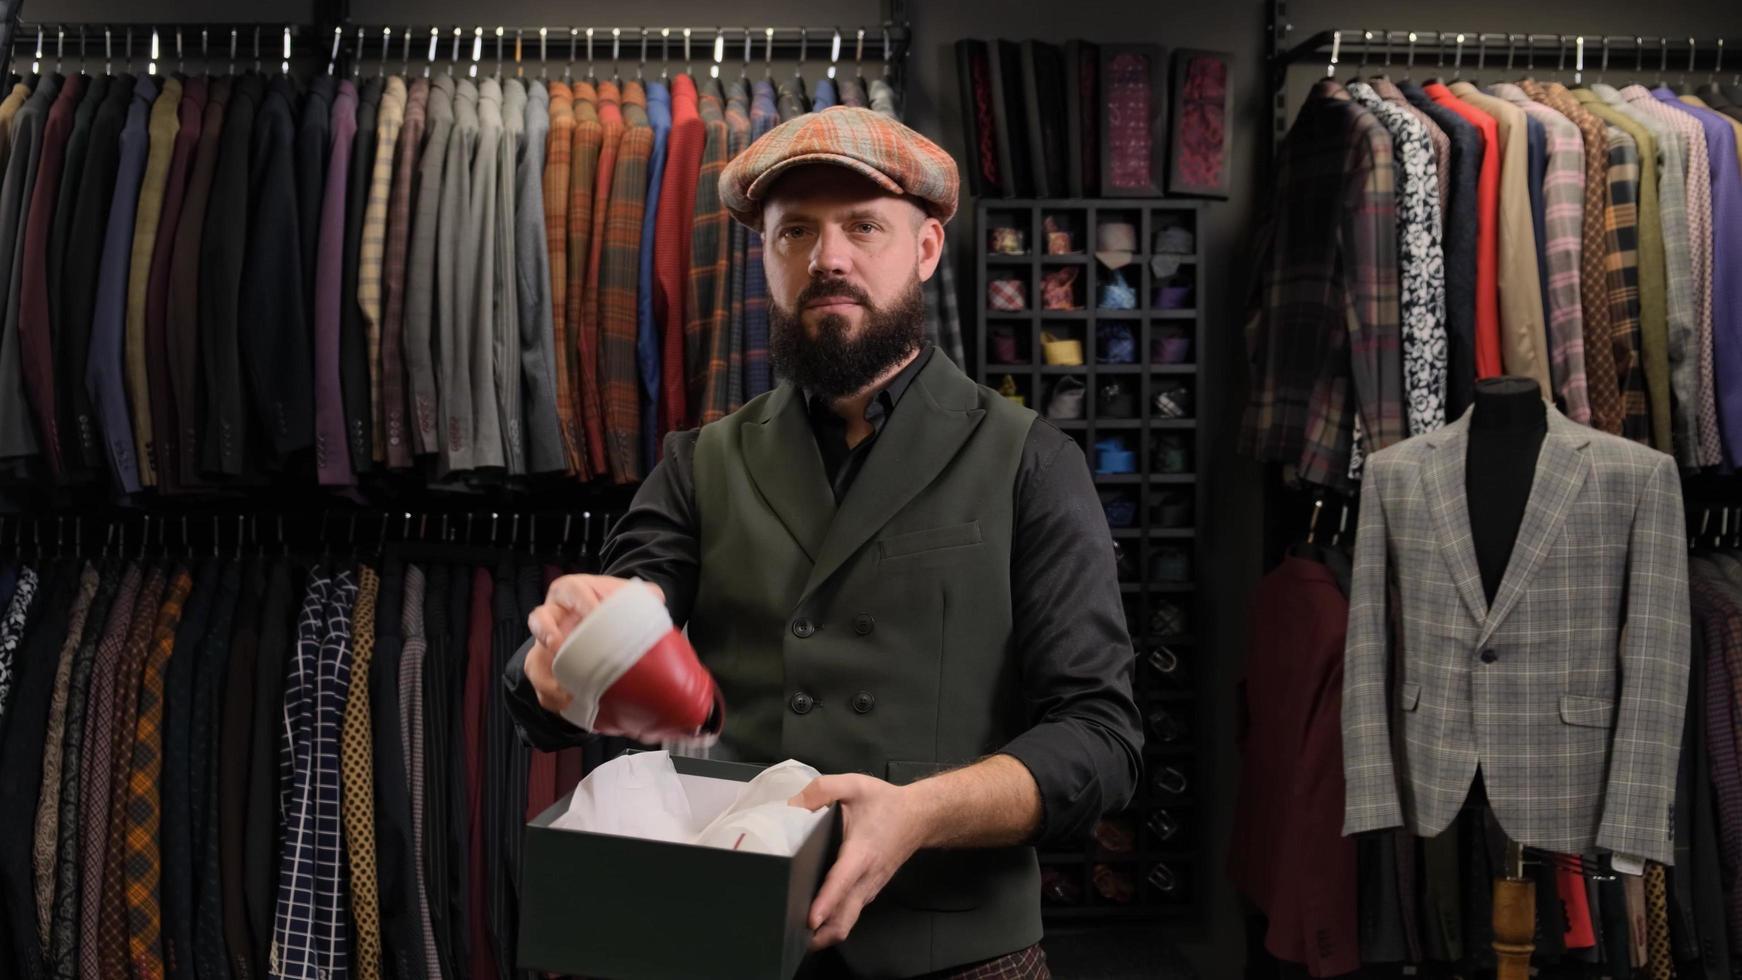 diseñador de moda masculino o vendedor que saca un zapato de una caja y lo demuestra foto